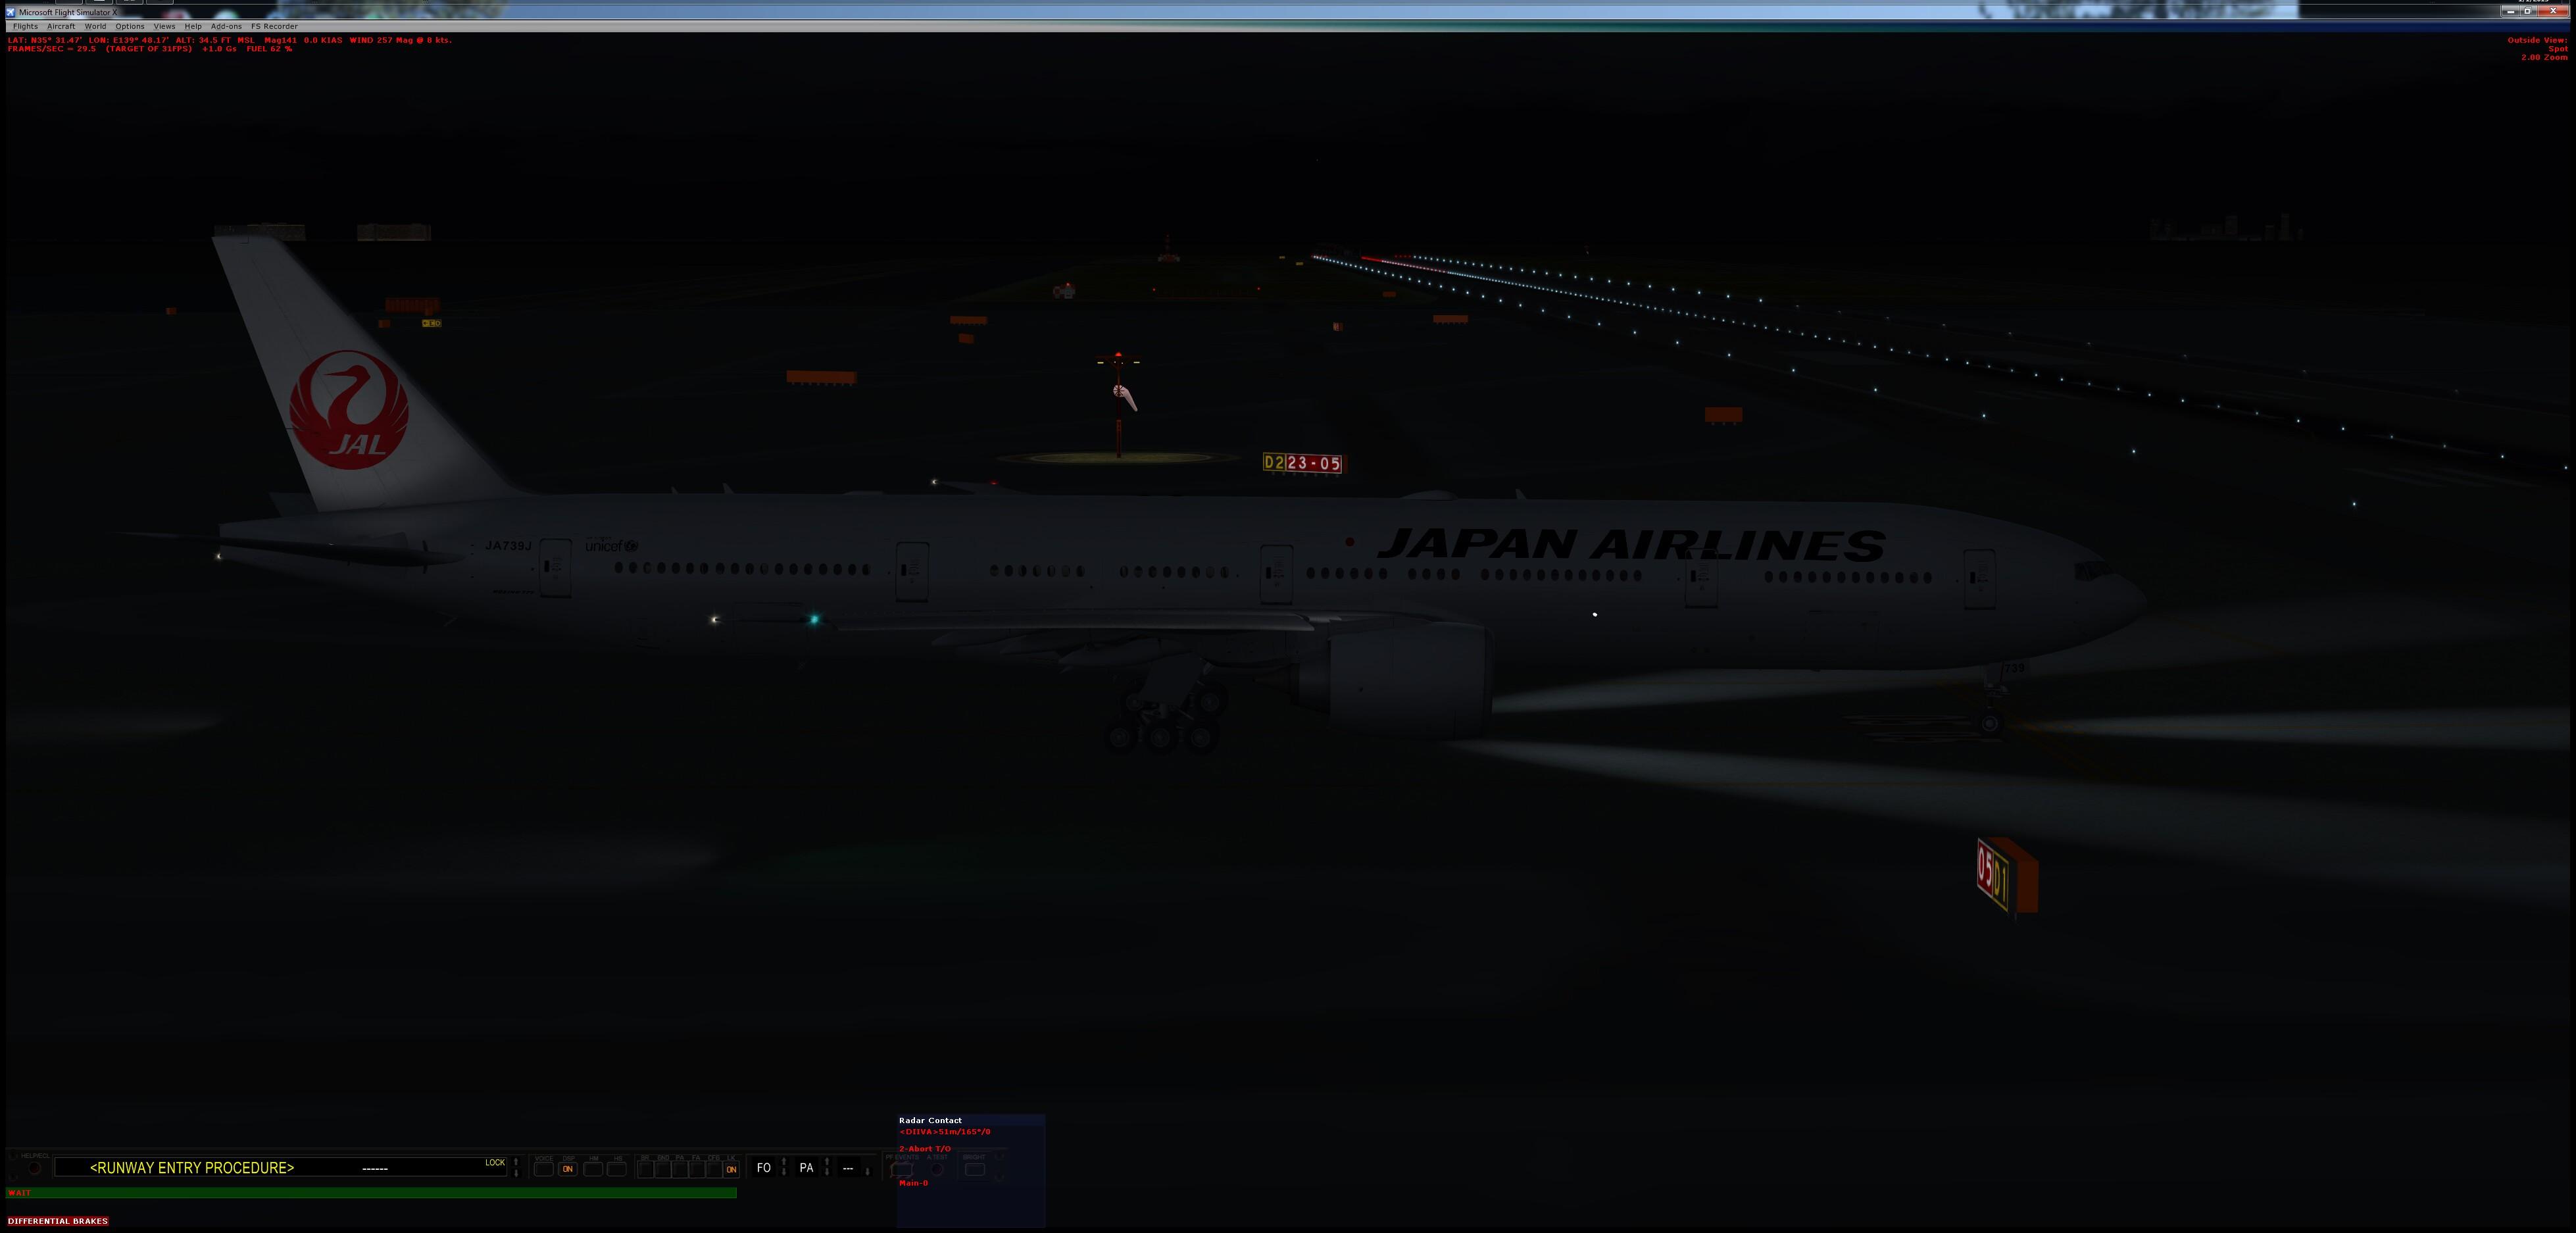 ScreenshotsRJTT-KSFO-05.jpg